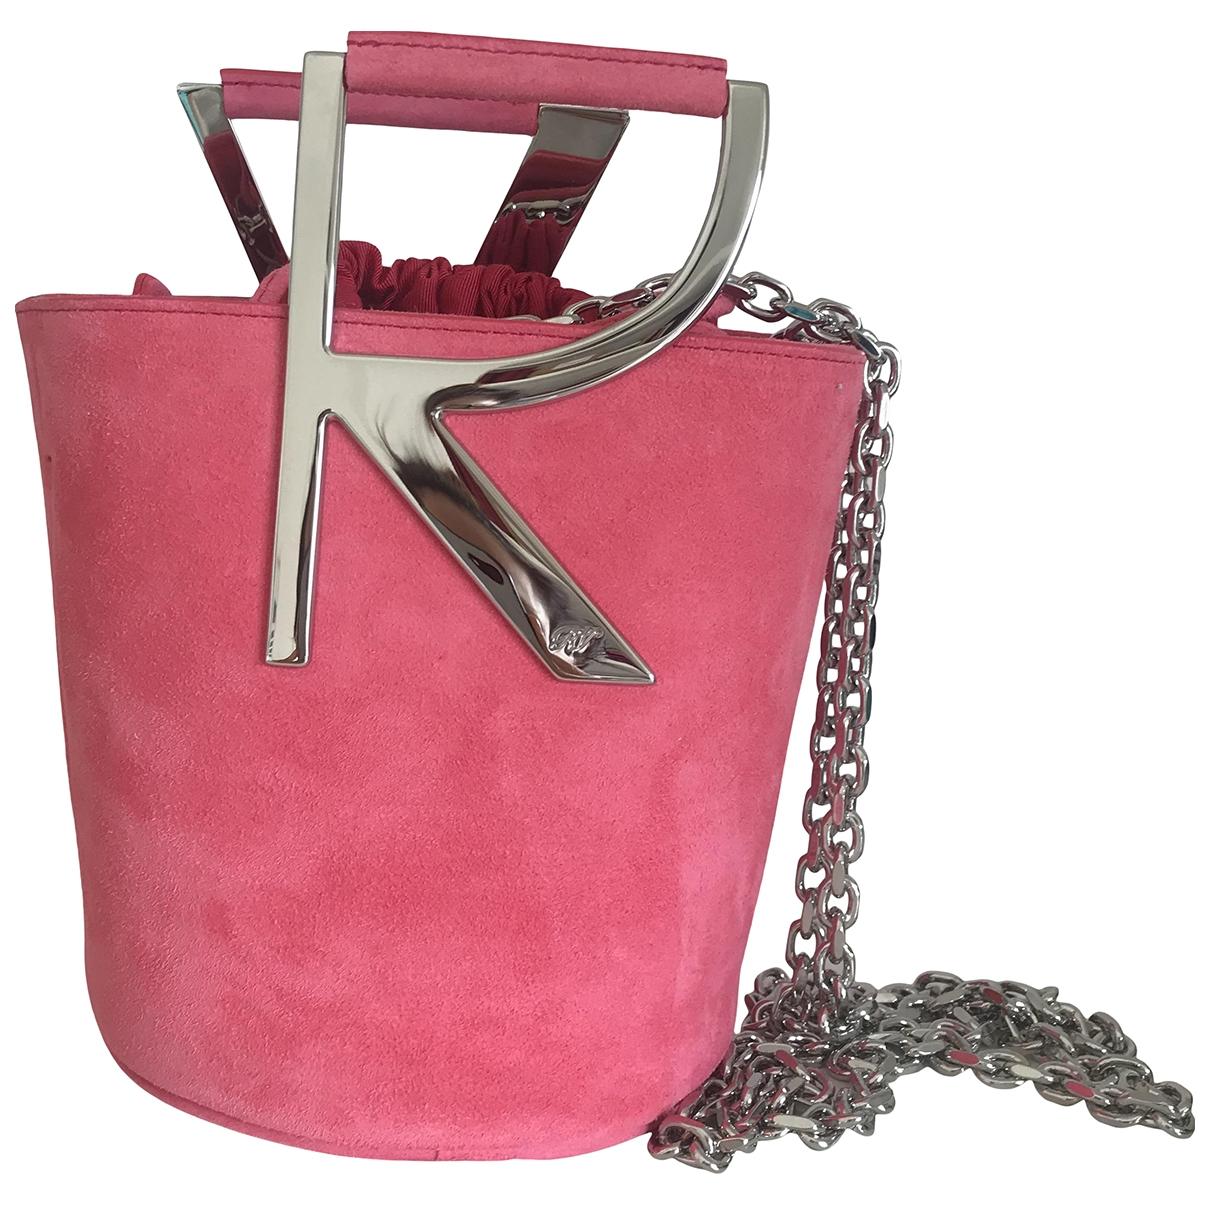 Roger Vivier - Pochette Mini sac viv sellier pour femme en suede - rose